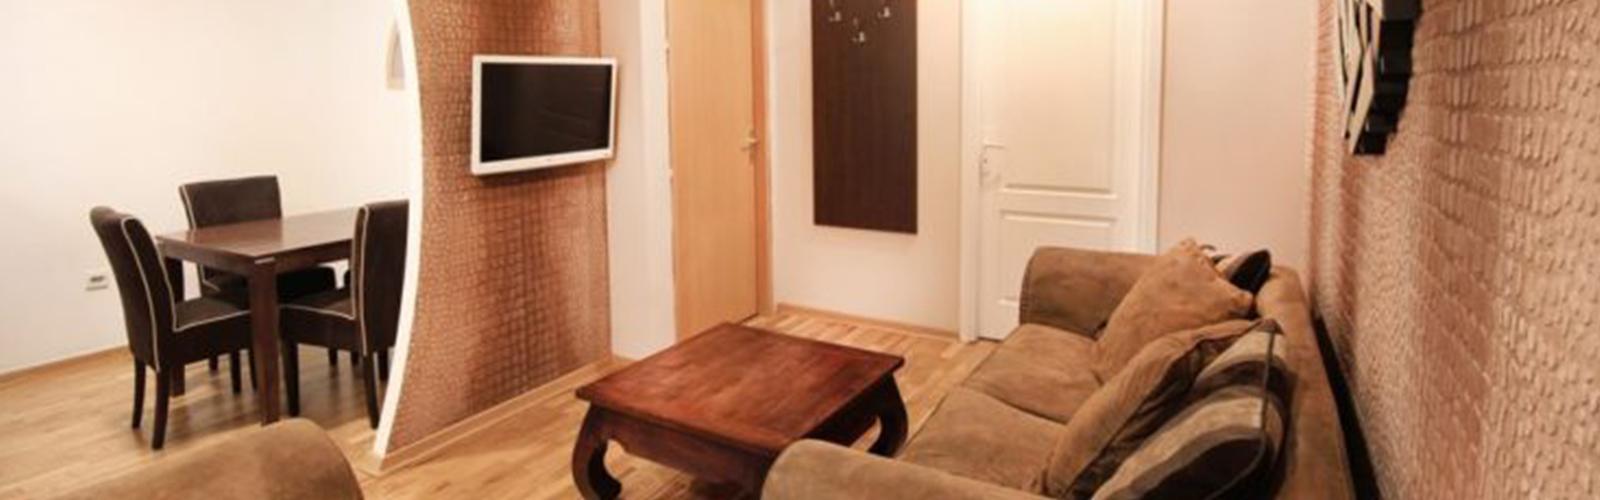 Concierge Belgrade | Apartman Delta Top 29